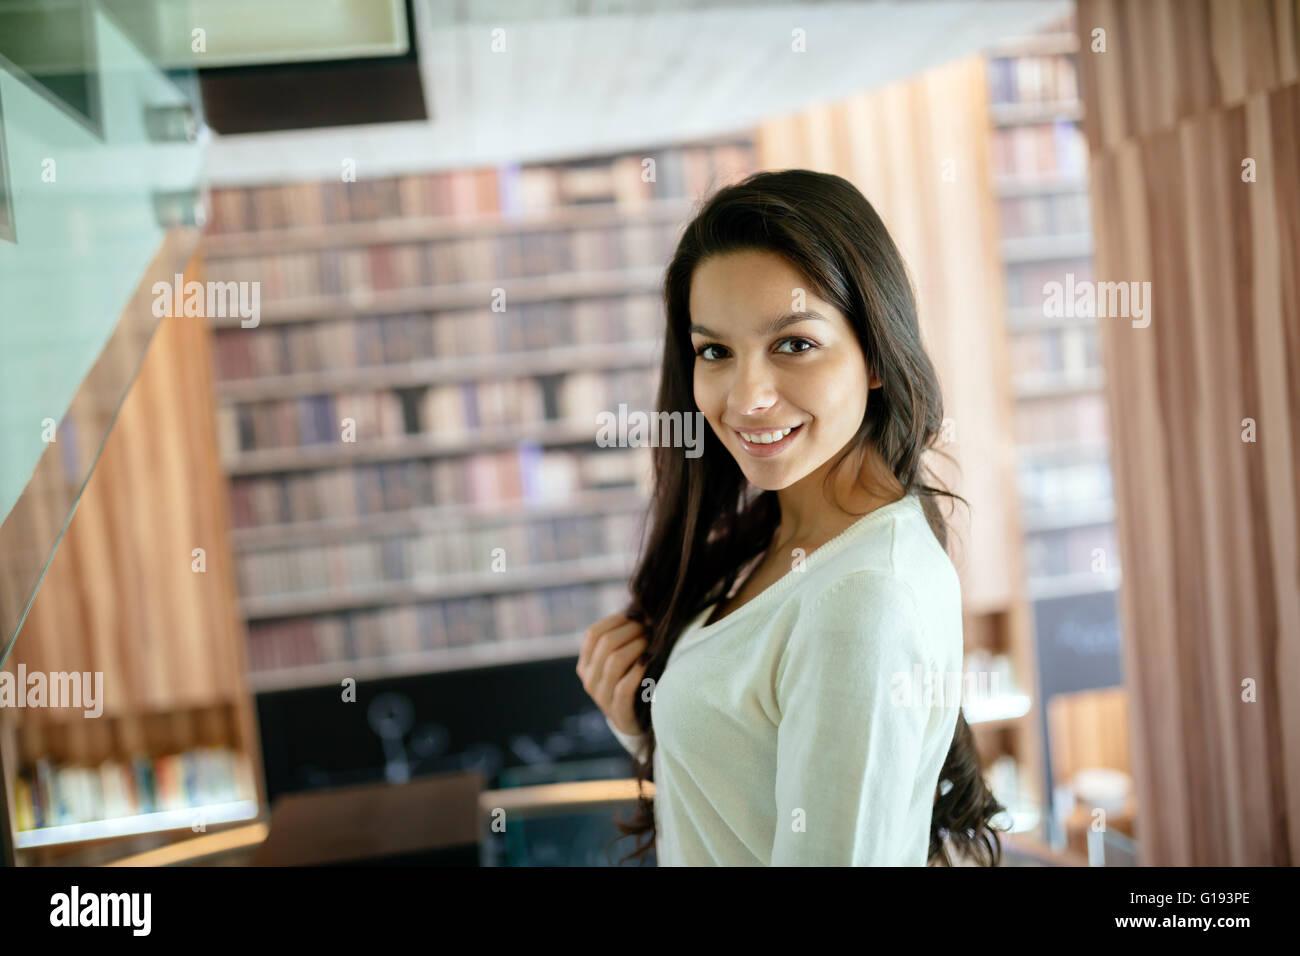 Schöne Brünette posiert in Bibliothek Stockbild